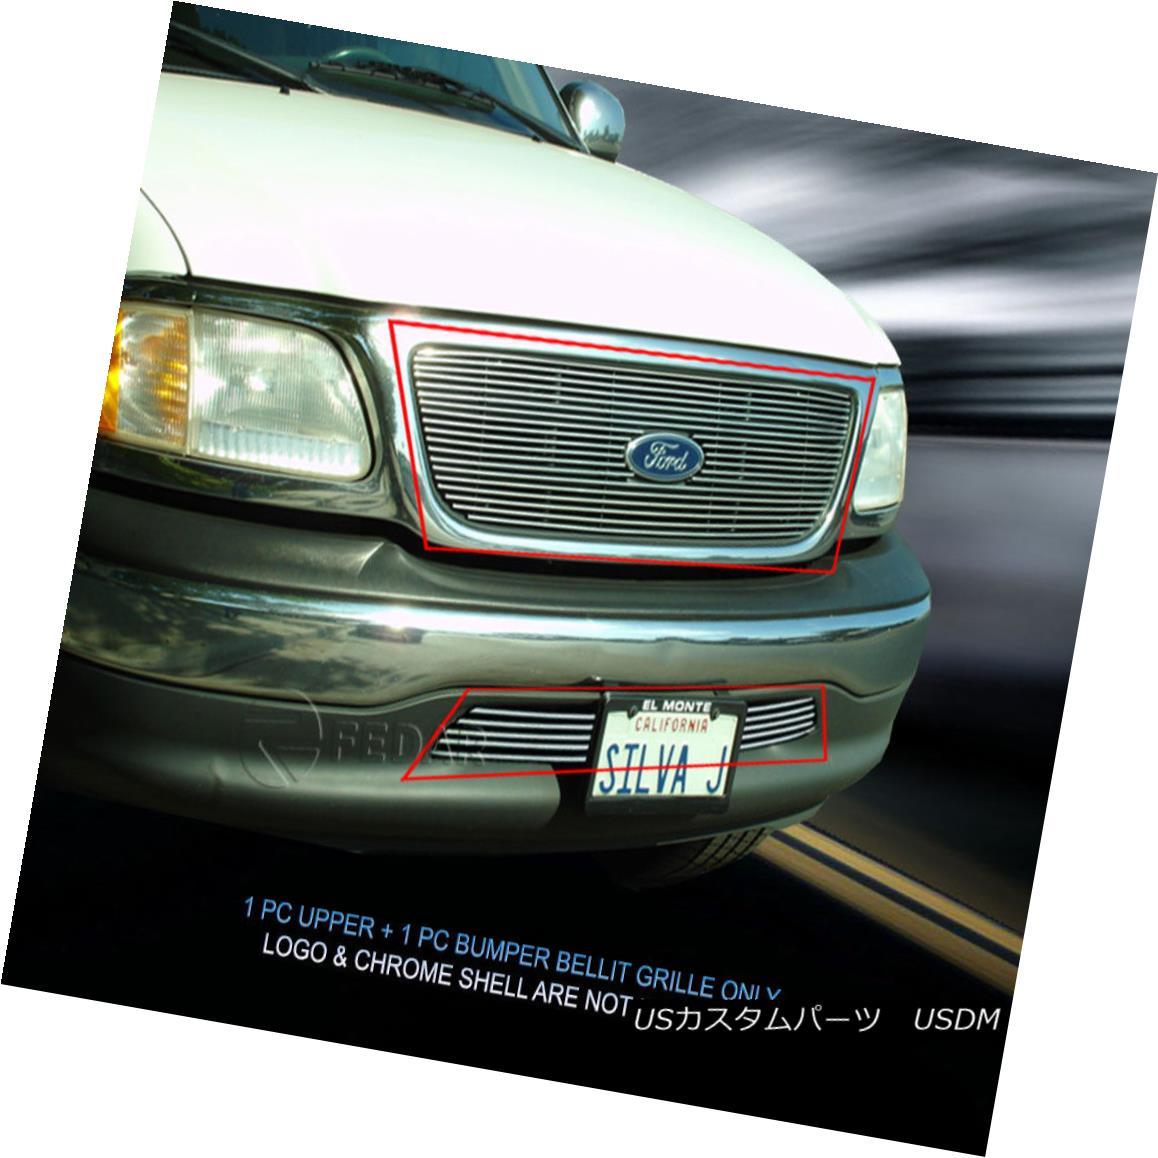 グリル 99-03 Ford F-150 F150 2WD Billet Grille Combo Grill Insert Fedar 99-03フォードF-150 F150 2WDビレットグリルコンボグリルインサートフェルダー